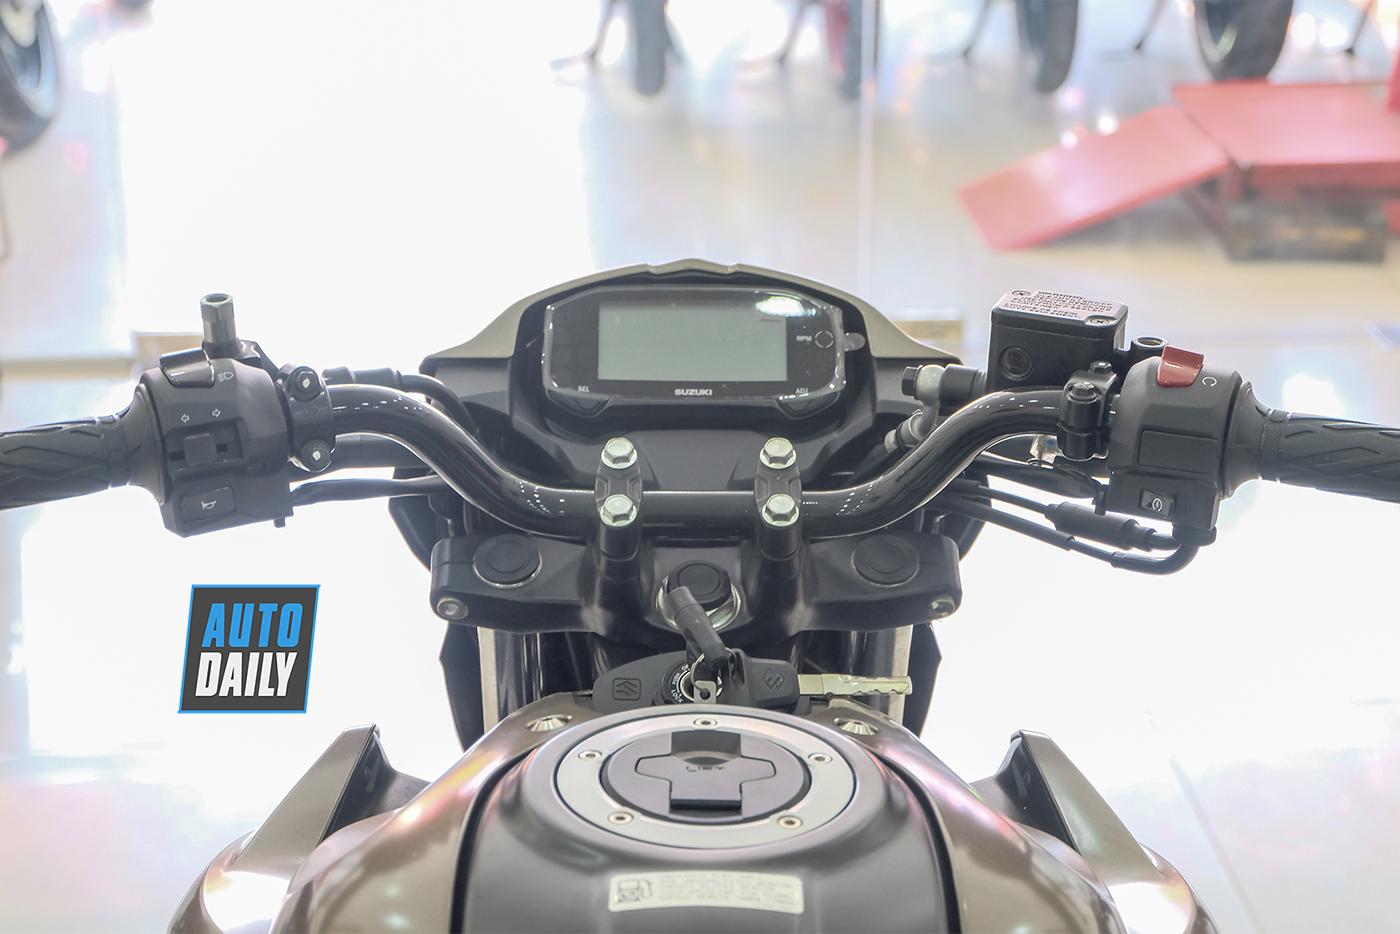 suzuki-gsx-150-bandit-20.jpg